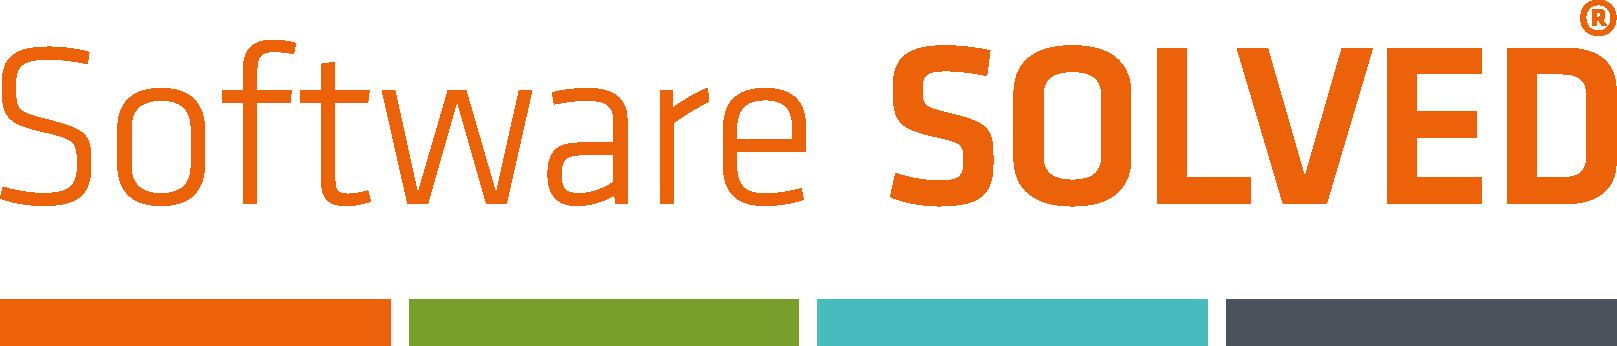 Software Solved logo